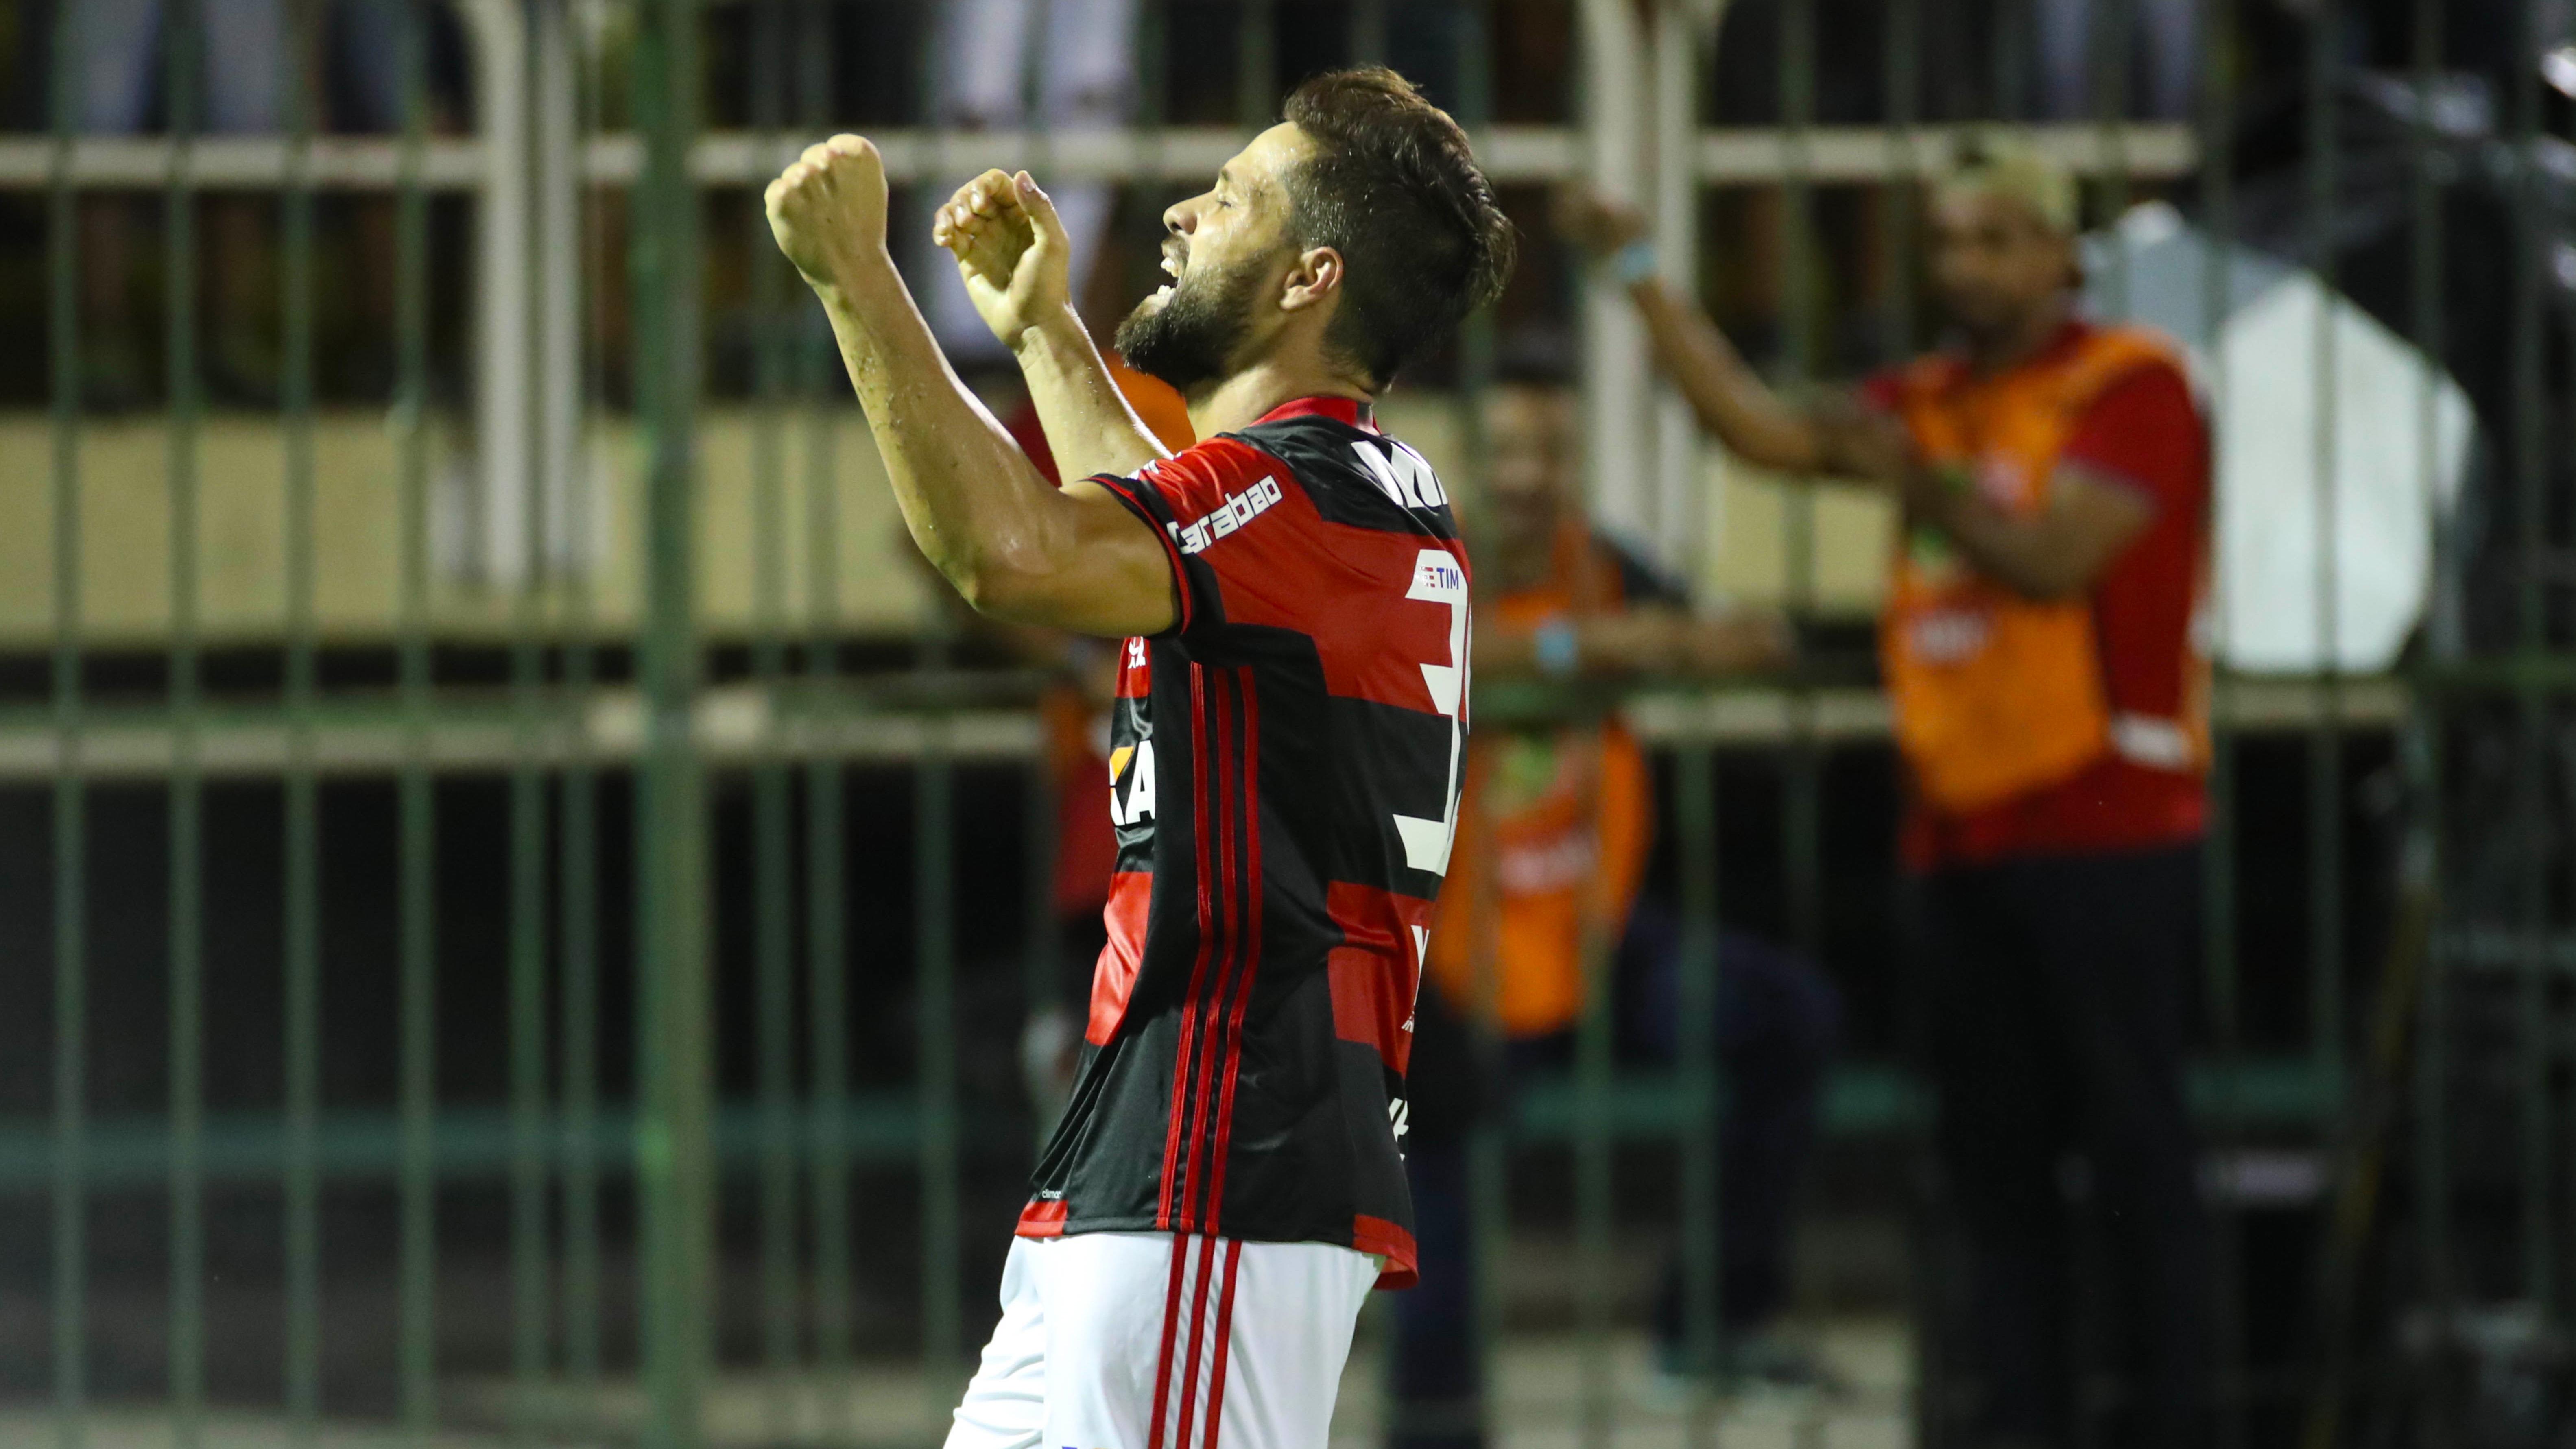 Diego Ribas Flamengo Macaé Carioca 01022017